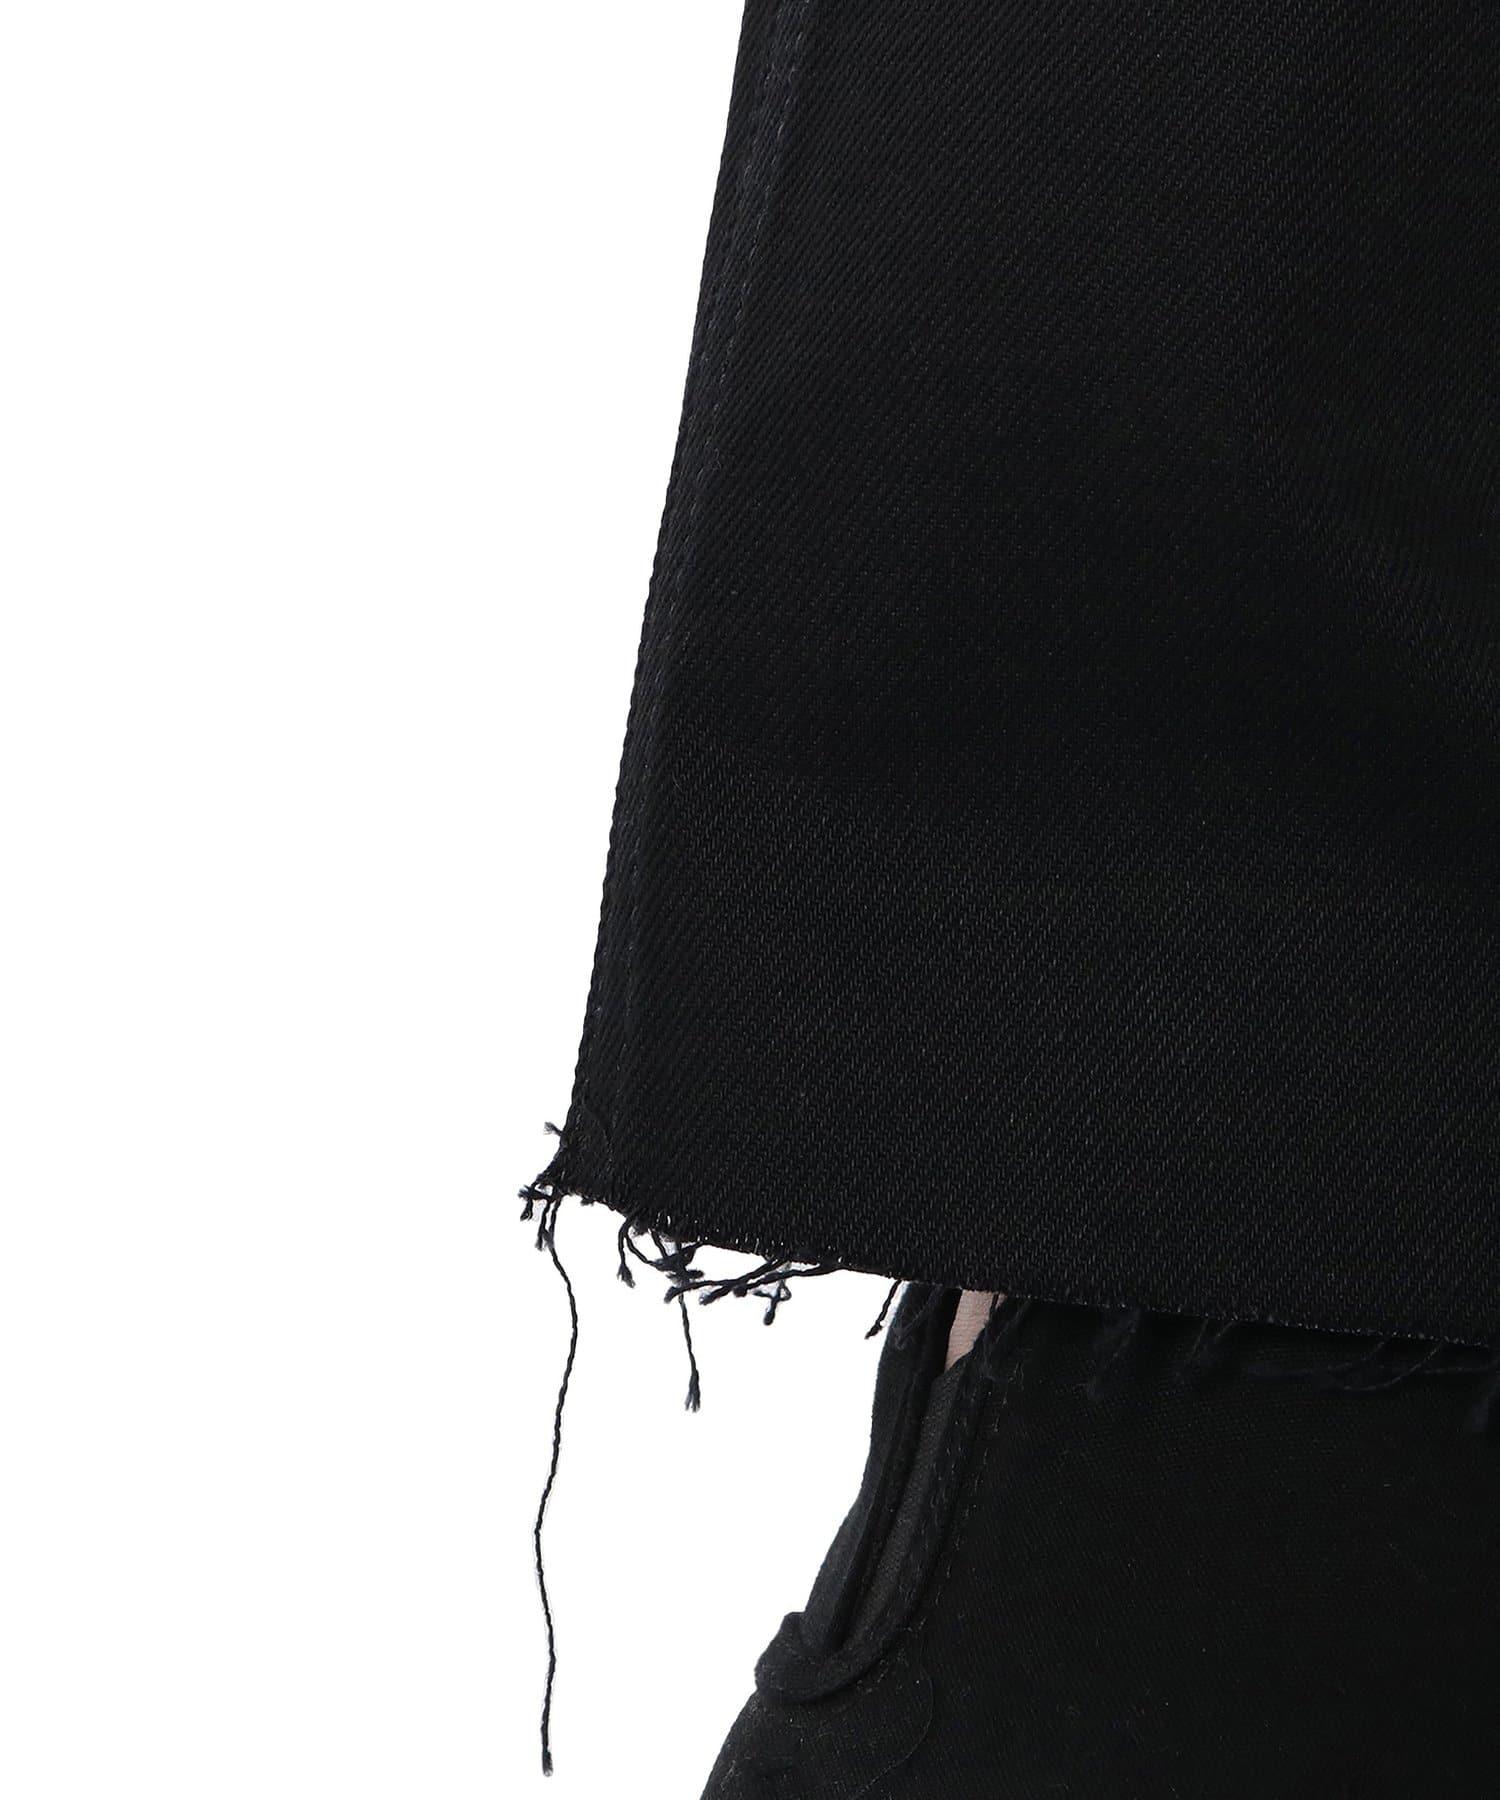 Lui's(ルイス) ブラック フレアデニム